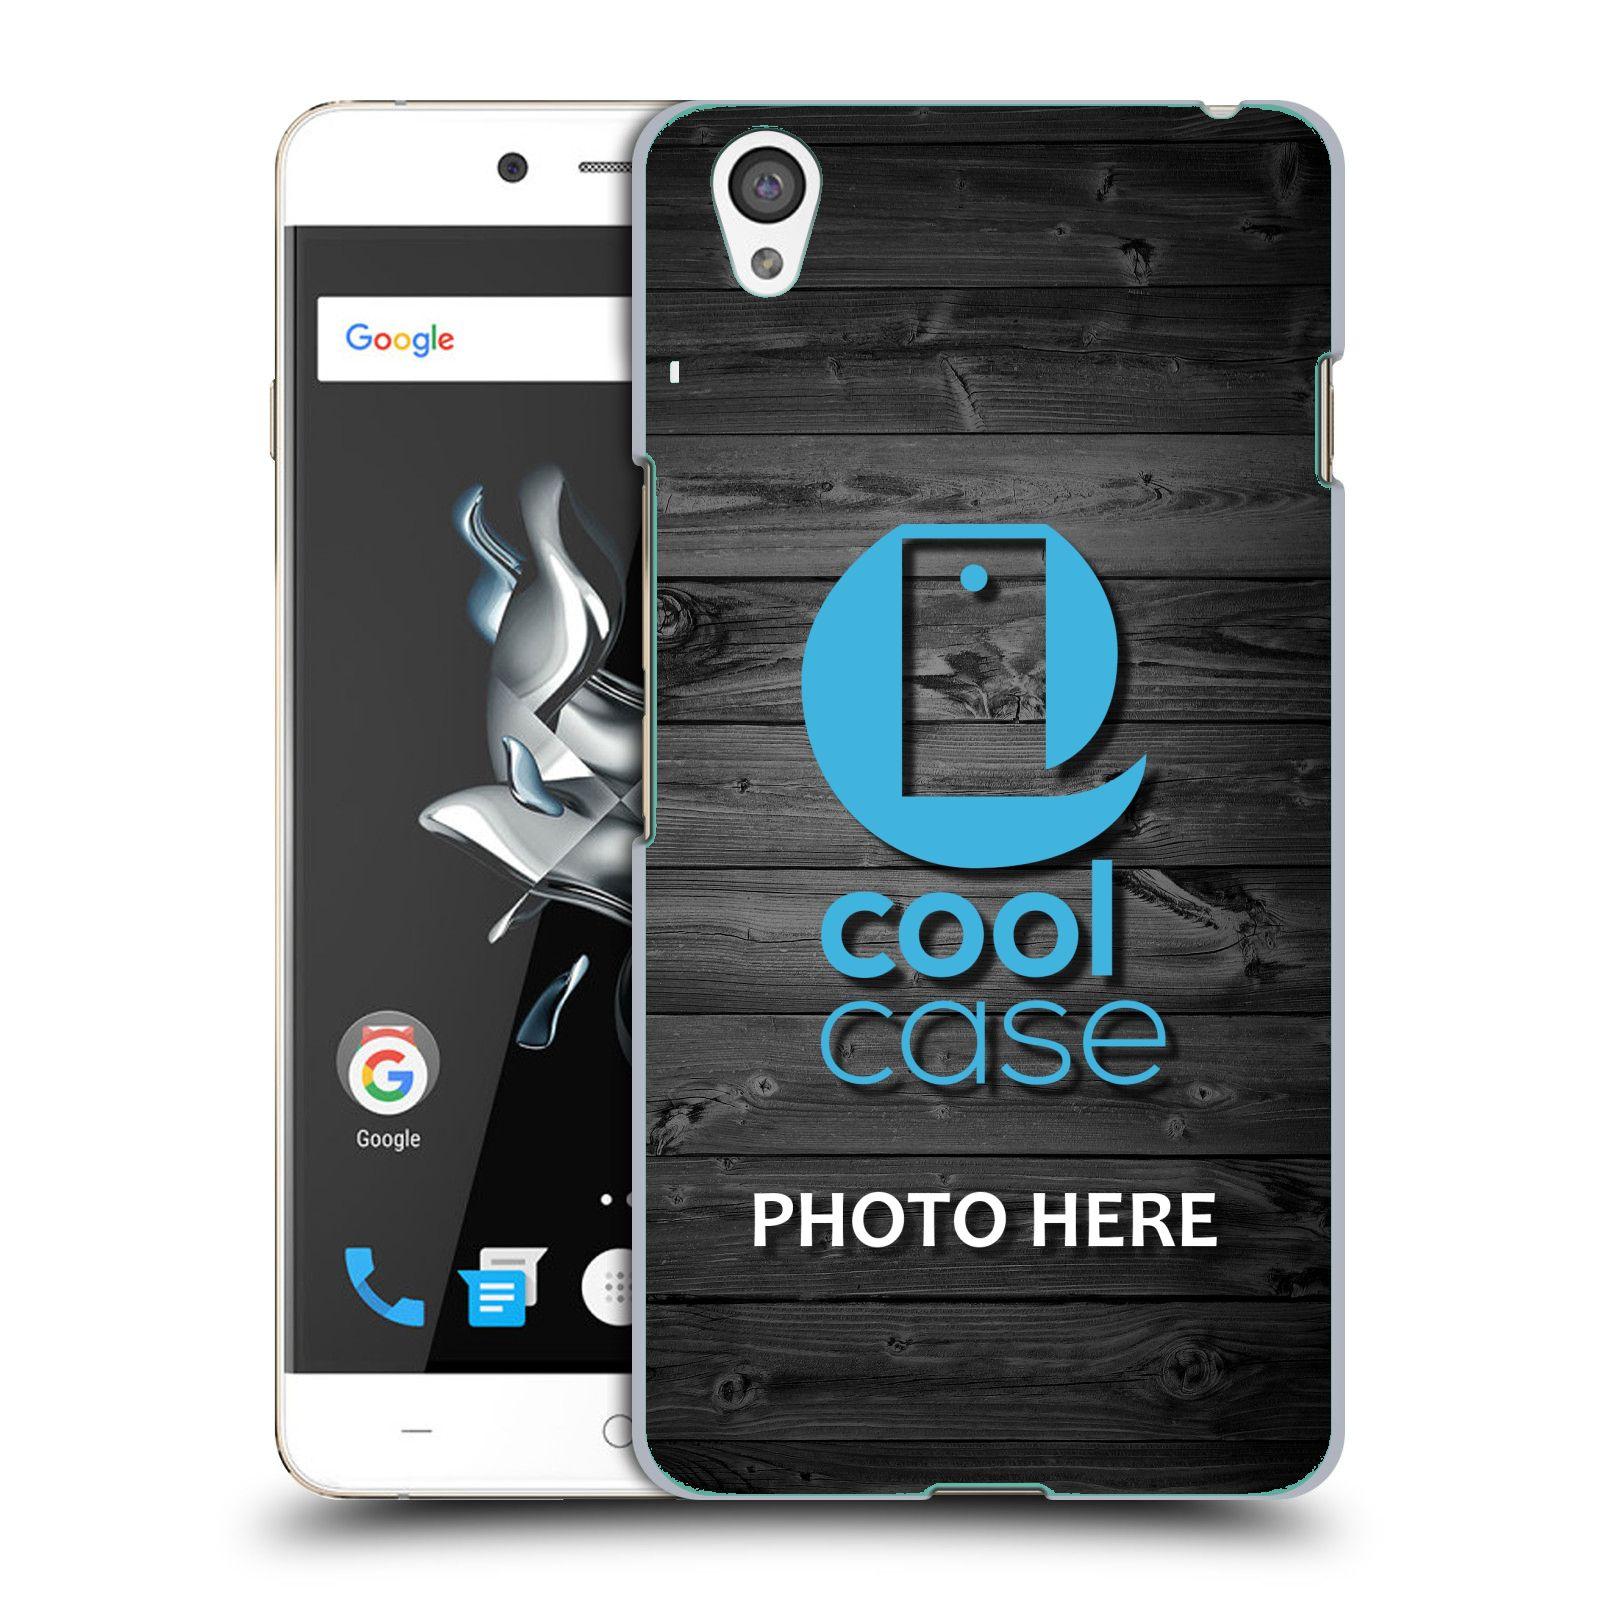 Plastové pouzdro na mobil OnePlus X s vlastním motivem (Plastový kryt či obal s vlastní fotografií na mobilní telefon OnePlus X)